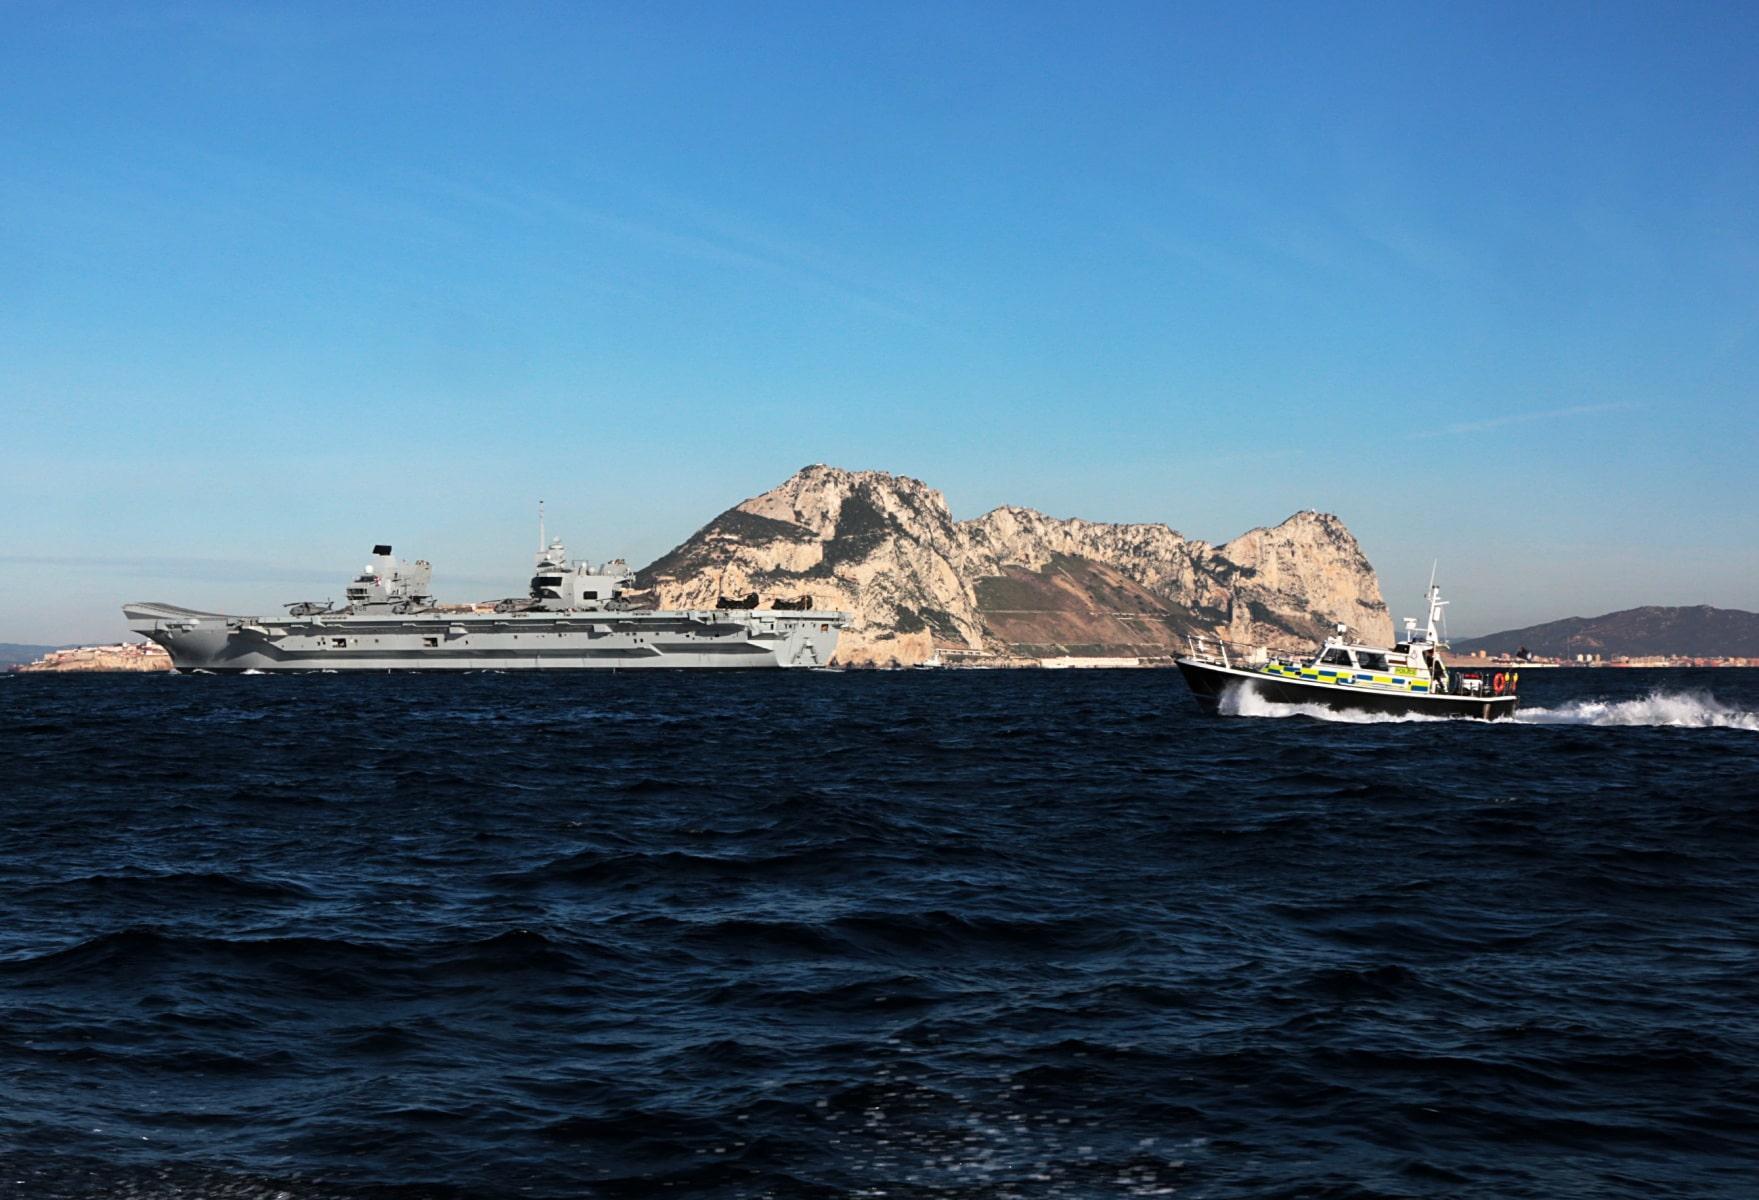 portaaviones-hms-queen-elizabeth-llegando-a-gibraltar-imagen-tomada-desde-uno-de-los-buques-de-apoyo-via-royal-navy-16_40133901972_o